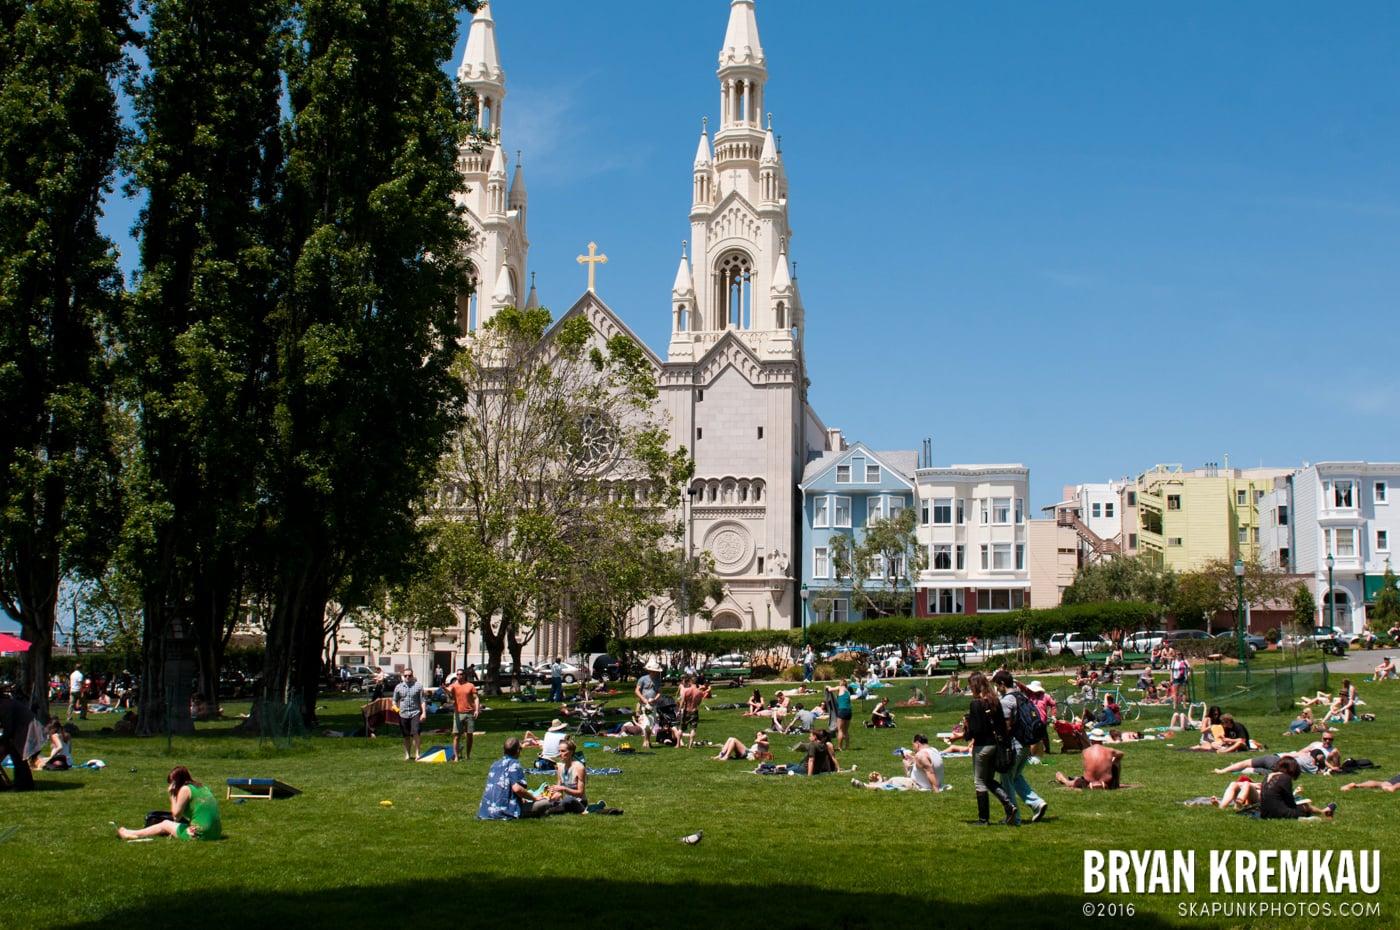 San Francisco Vacation - Day 2 - 4.29.12 (8)